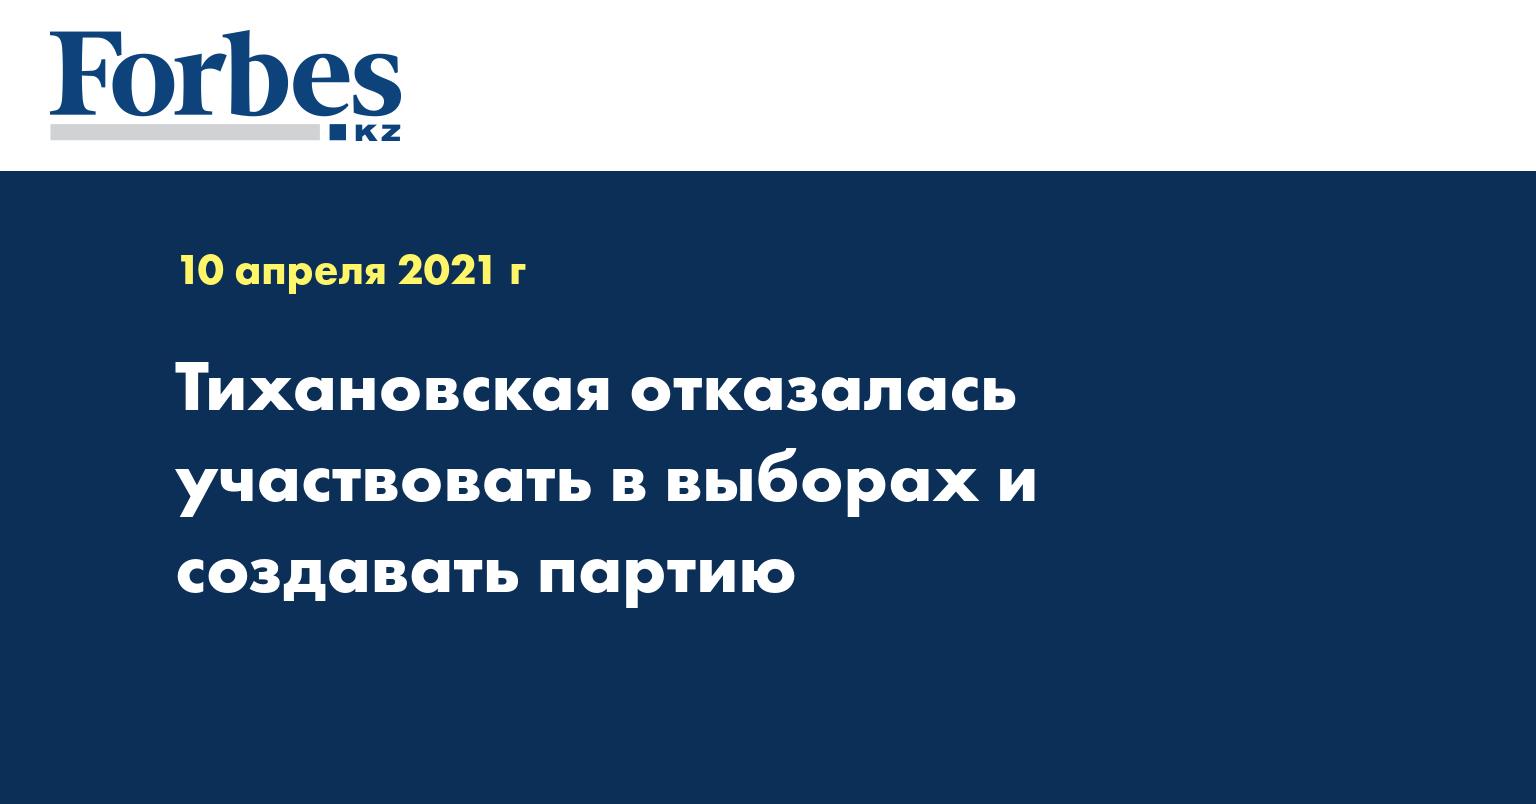 Тихановская отказалась участвовать в выборах и создавать партию